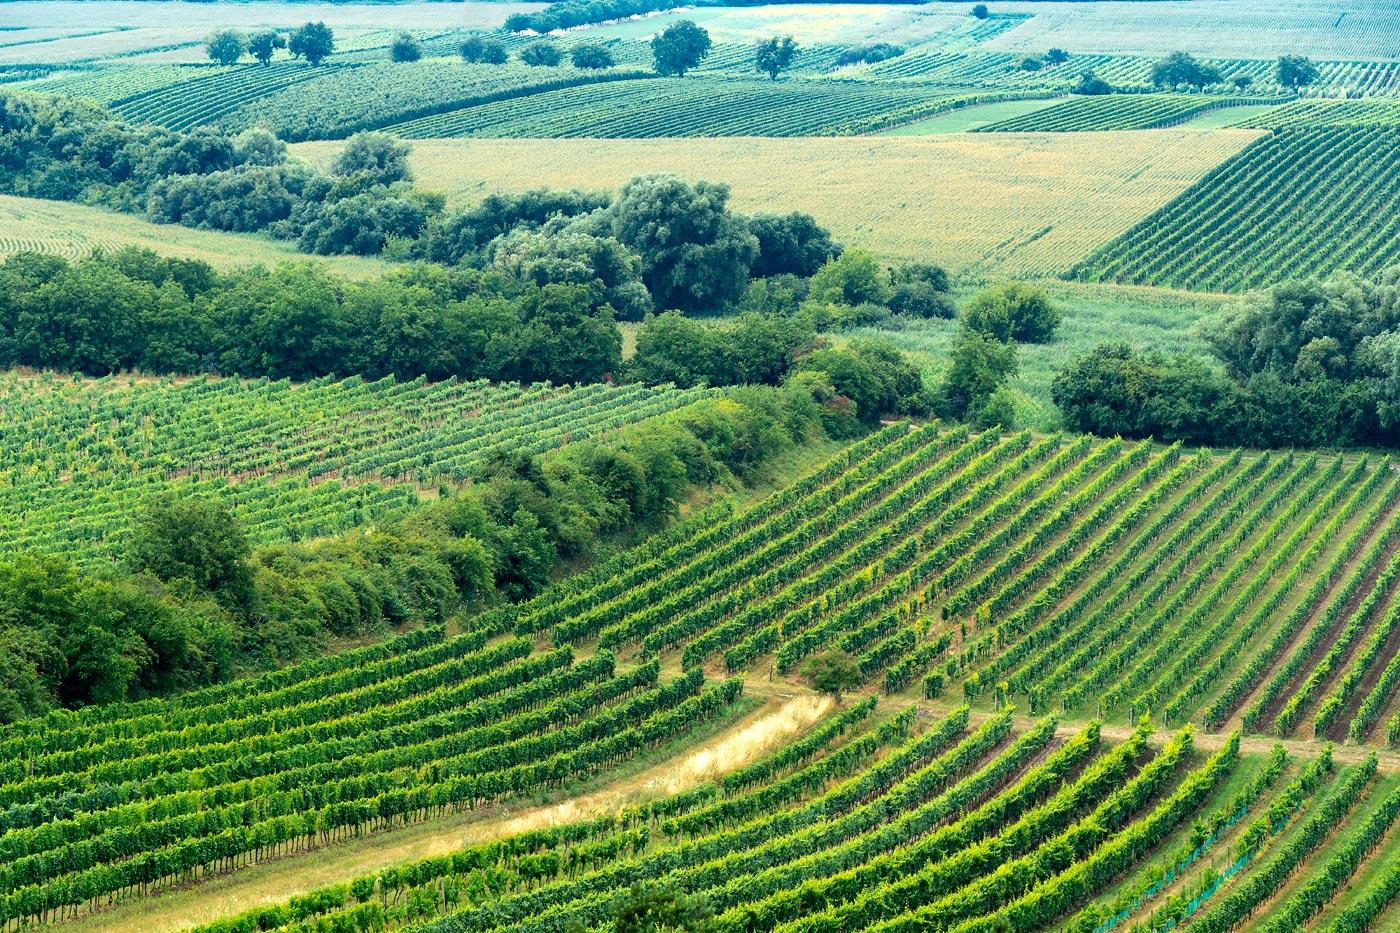 Виноградники у Велке Биловице, Южная Моравия